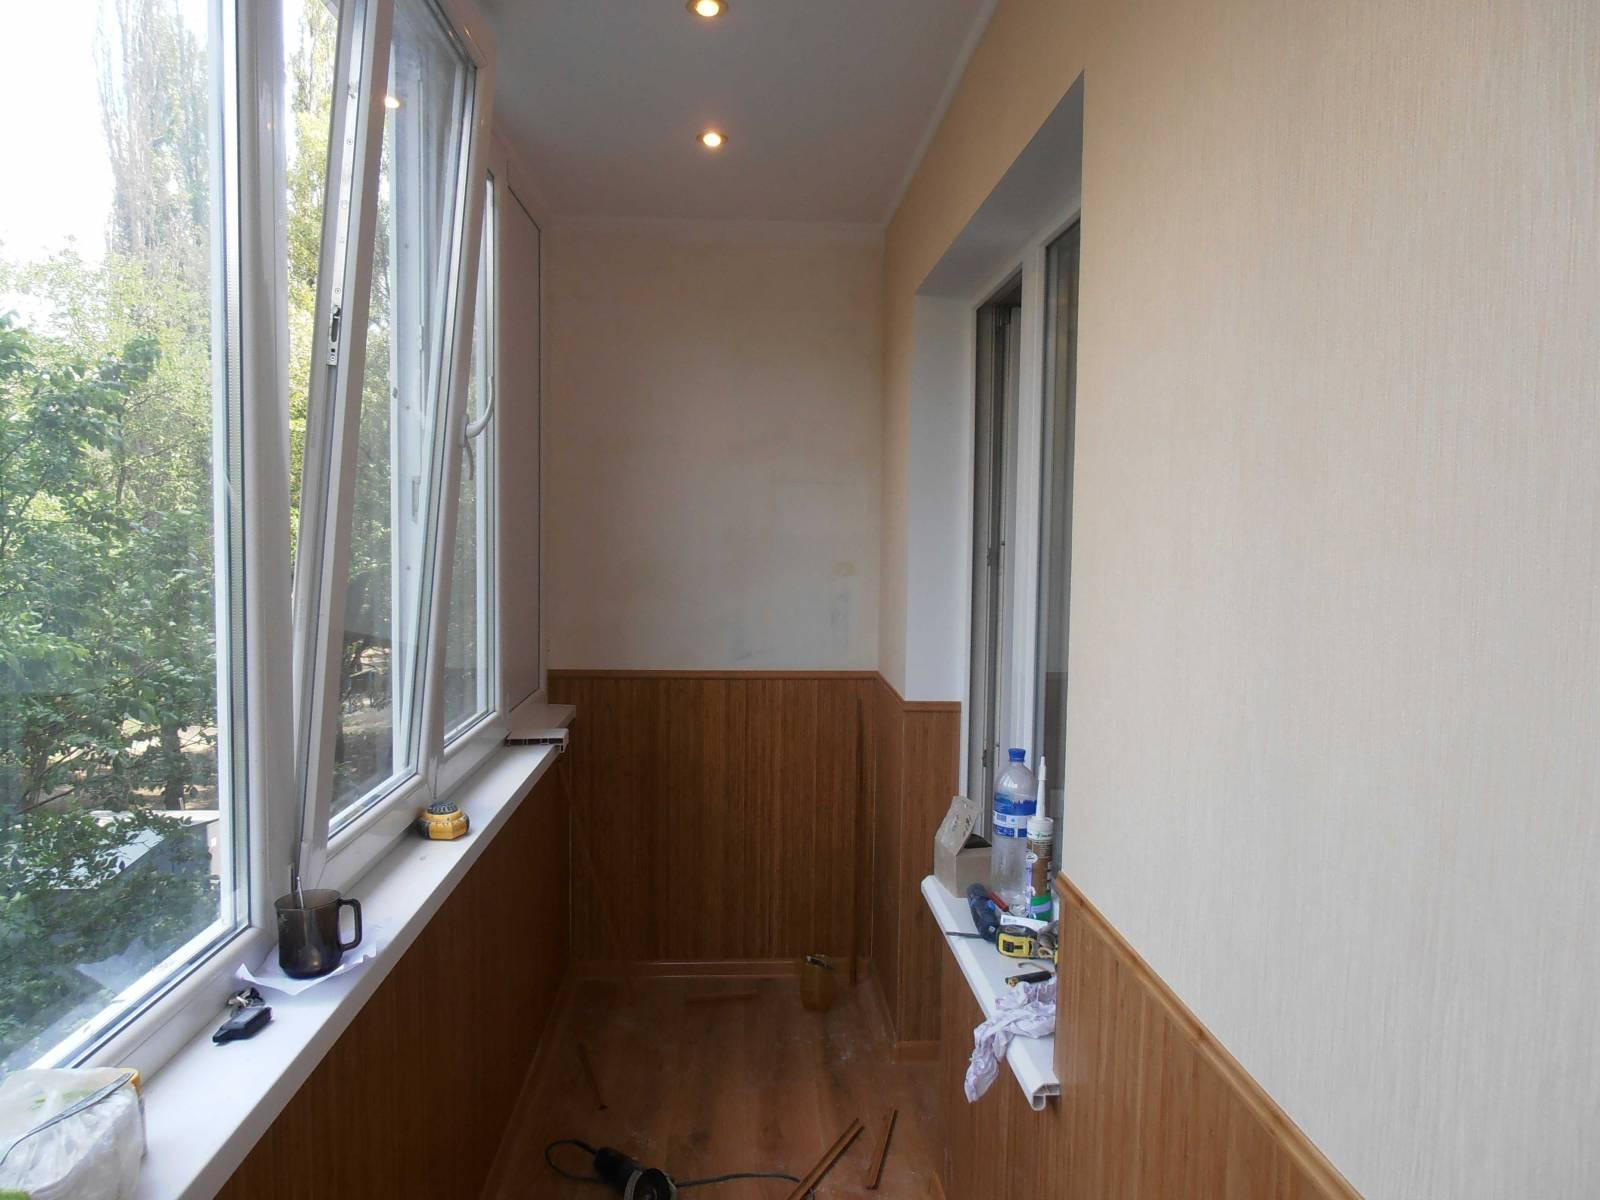 Ремонт балконов - фото наших работ - фотоальбом - ремонт в д.